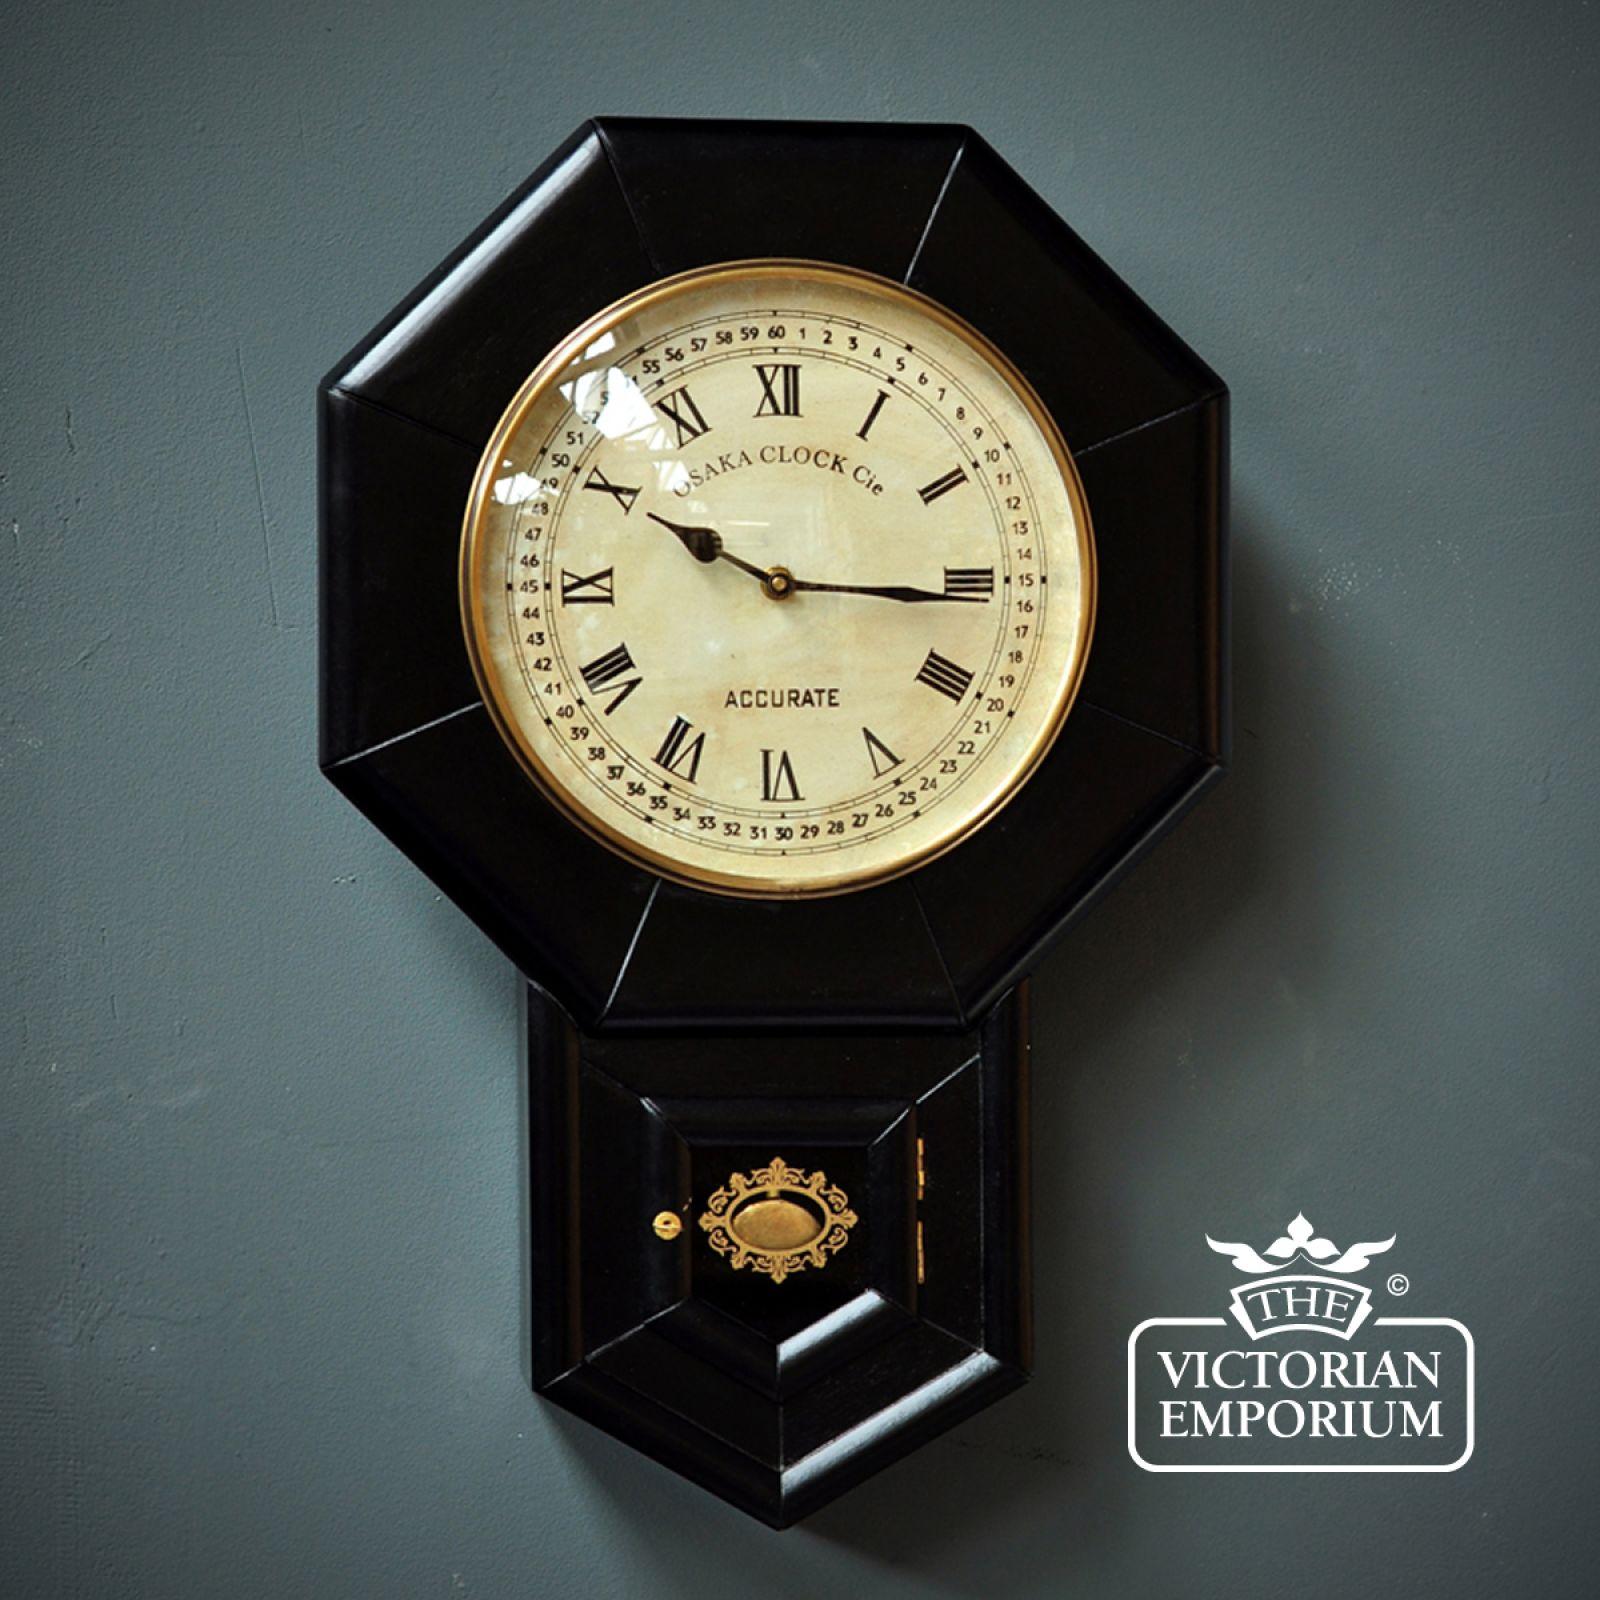 Pendulum Wall Clock Clocks The Victorian Emporium